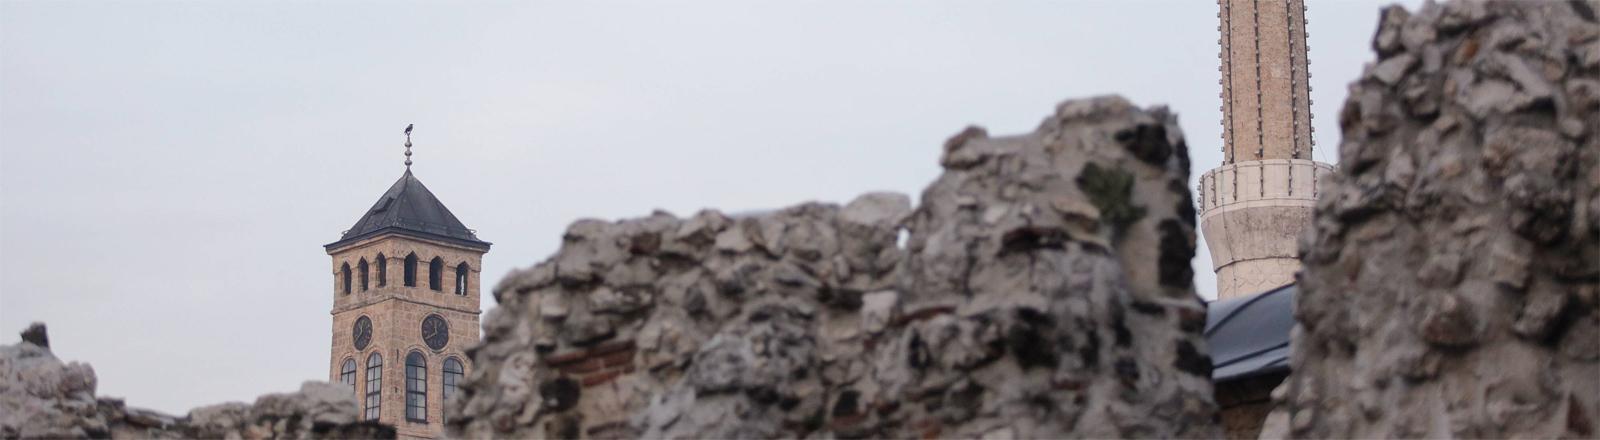 Auf dem Weg in die EU? Die bosnische Hauptstadt Sarajevo